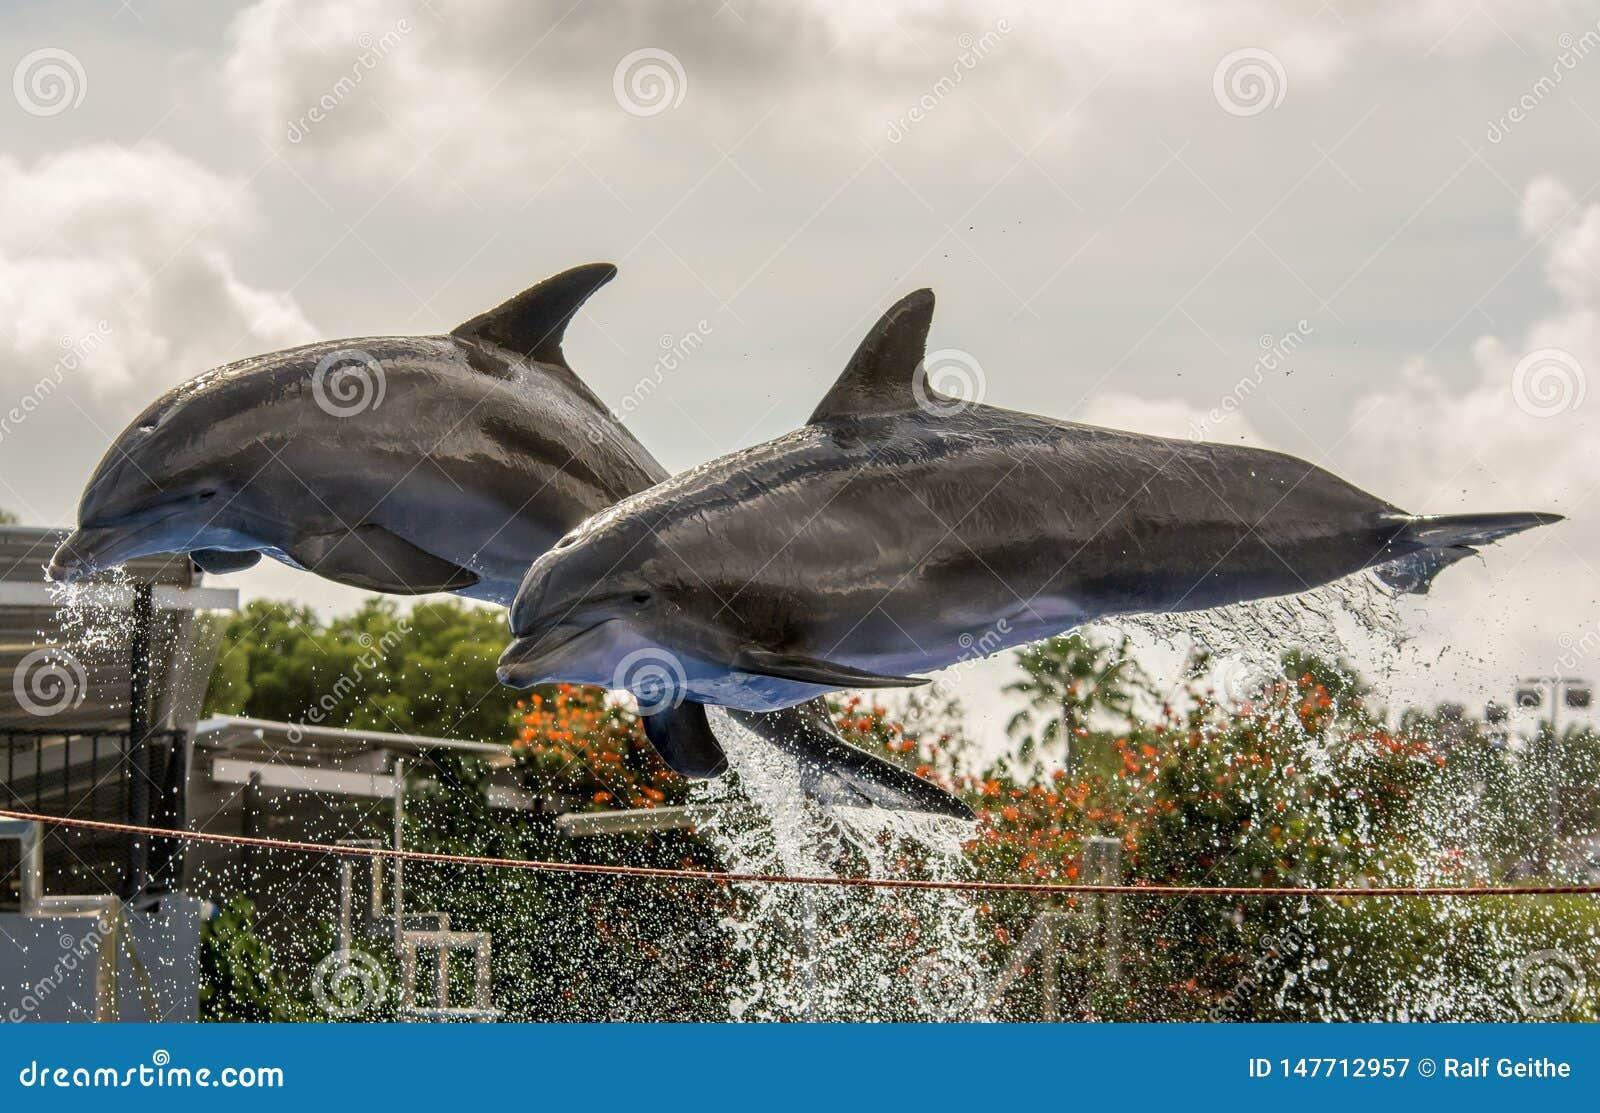 Deux dauphins sautent de l eau pendant une exposition de dauphin